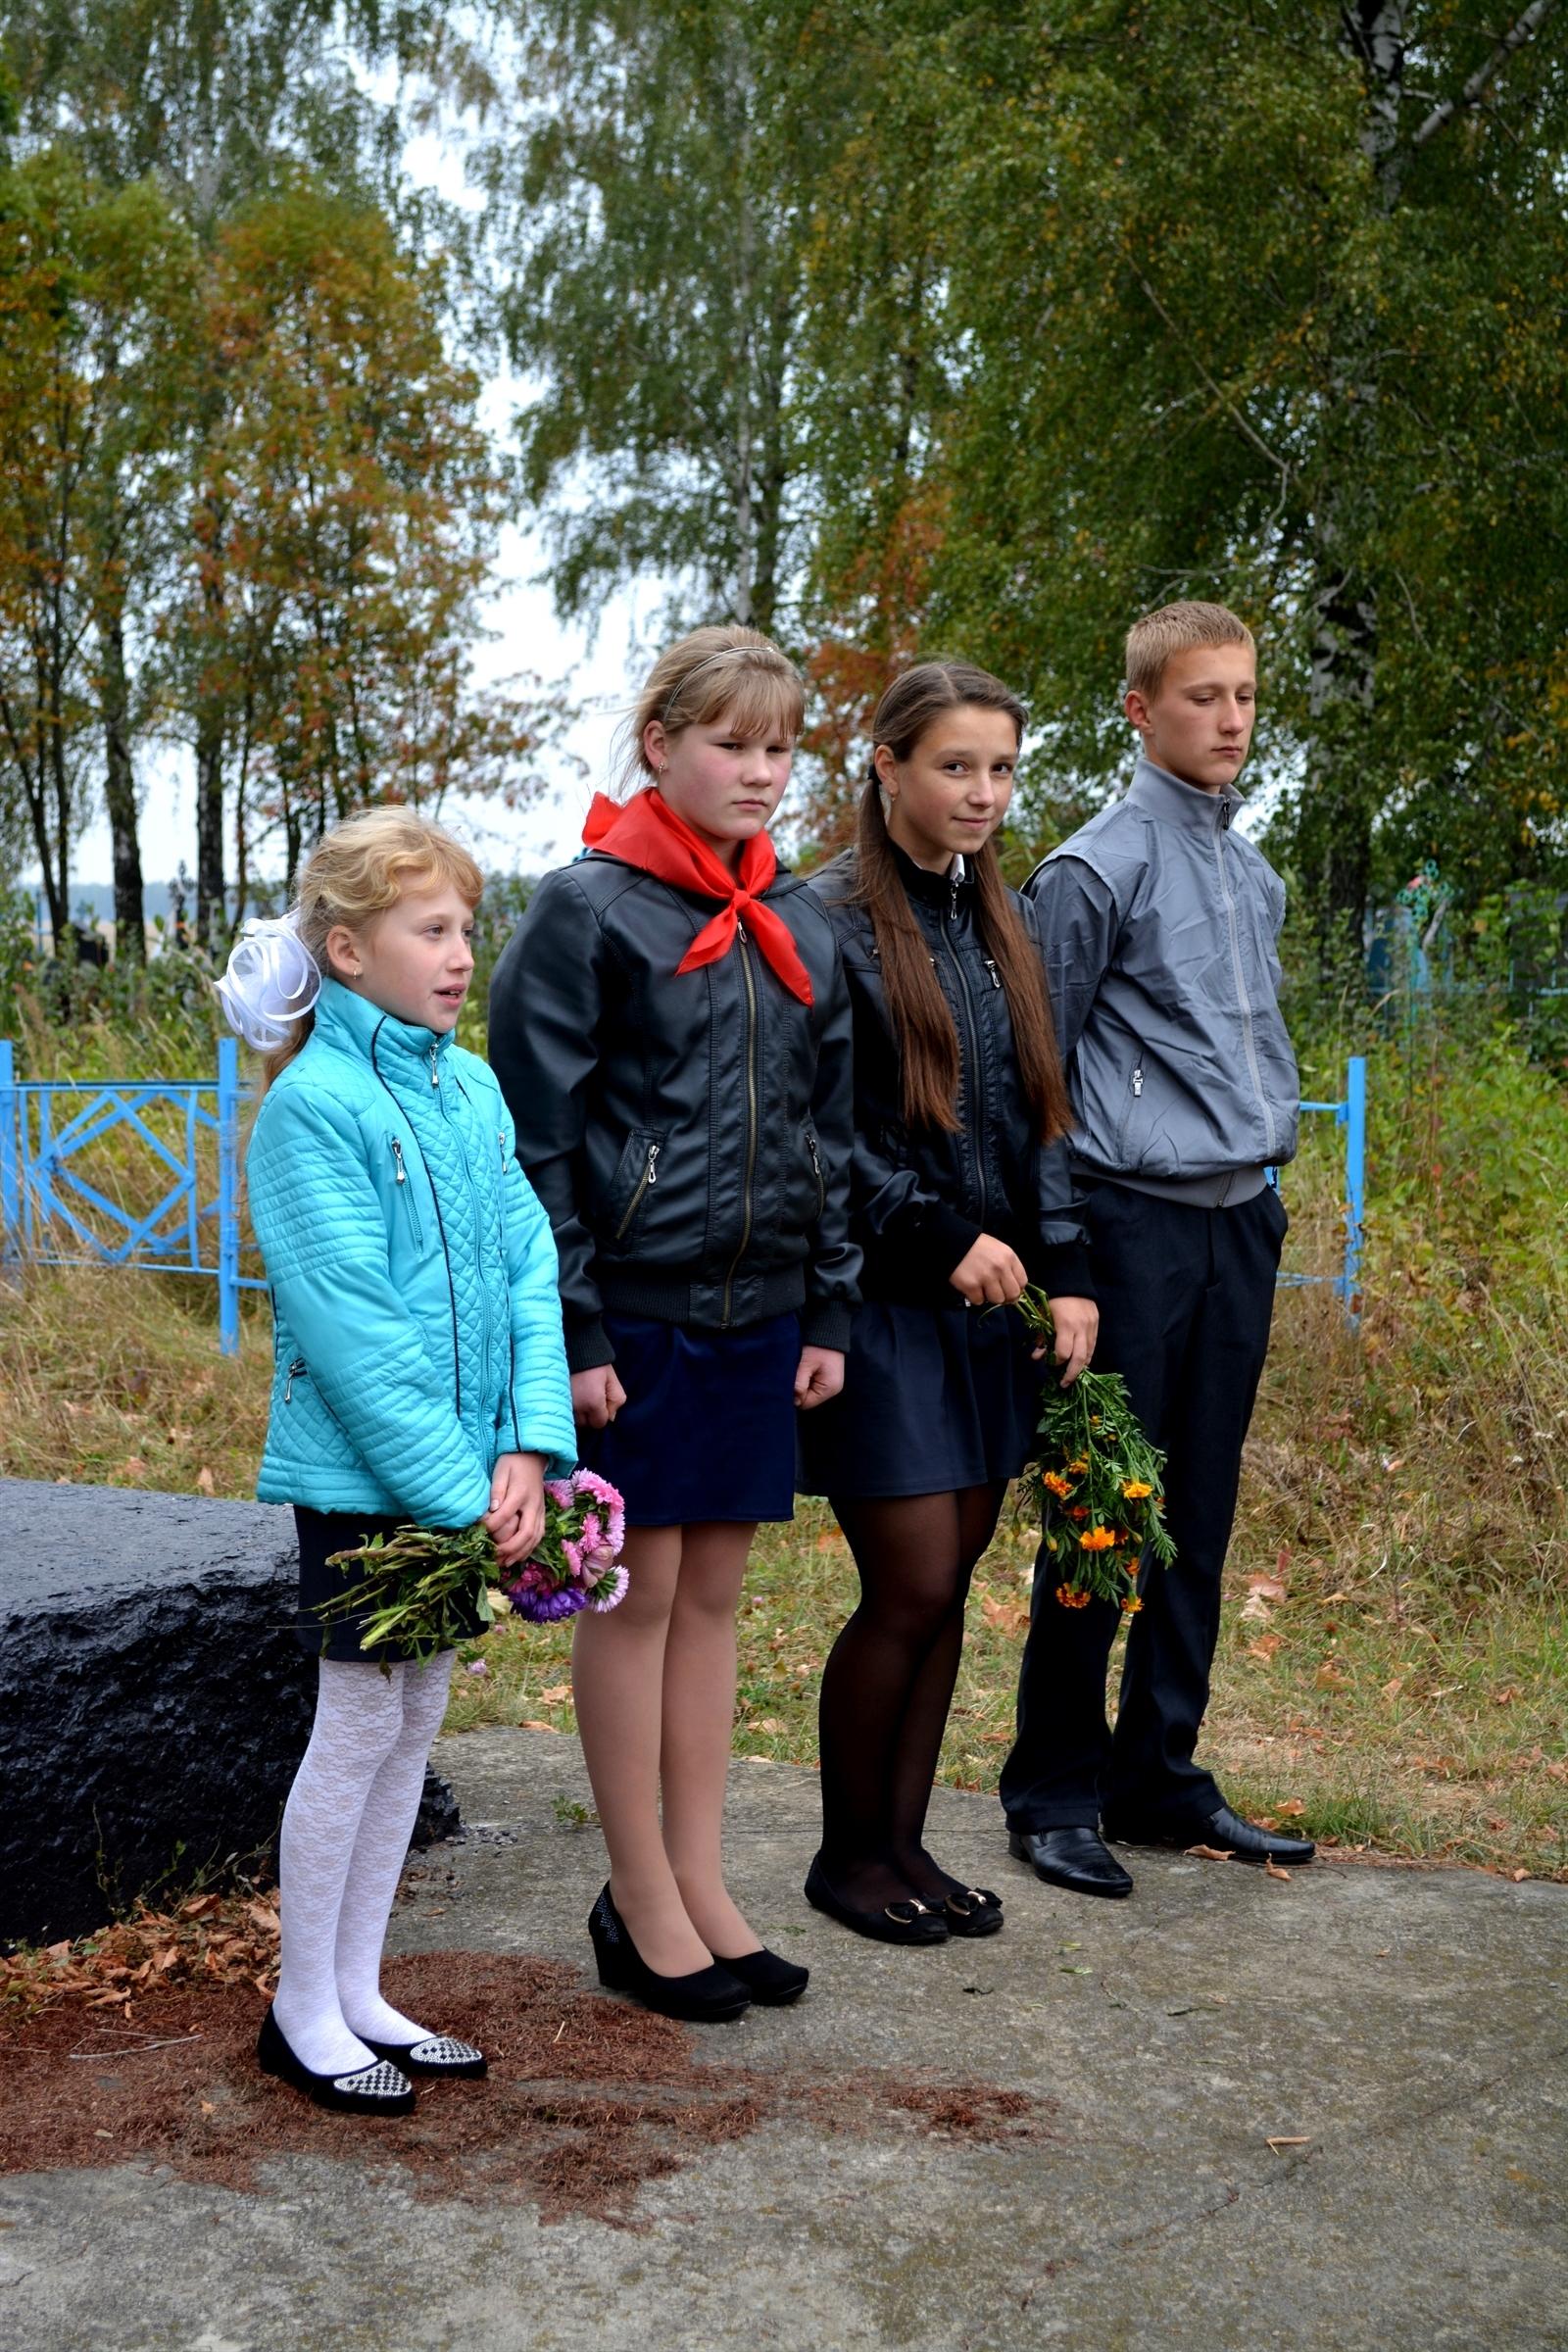 GFRANQ_ELENA_MARKOVSKAYA_67284141_2400.jpg